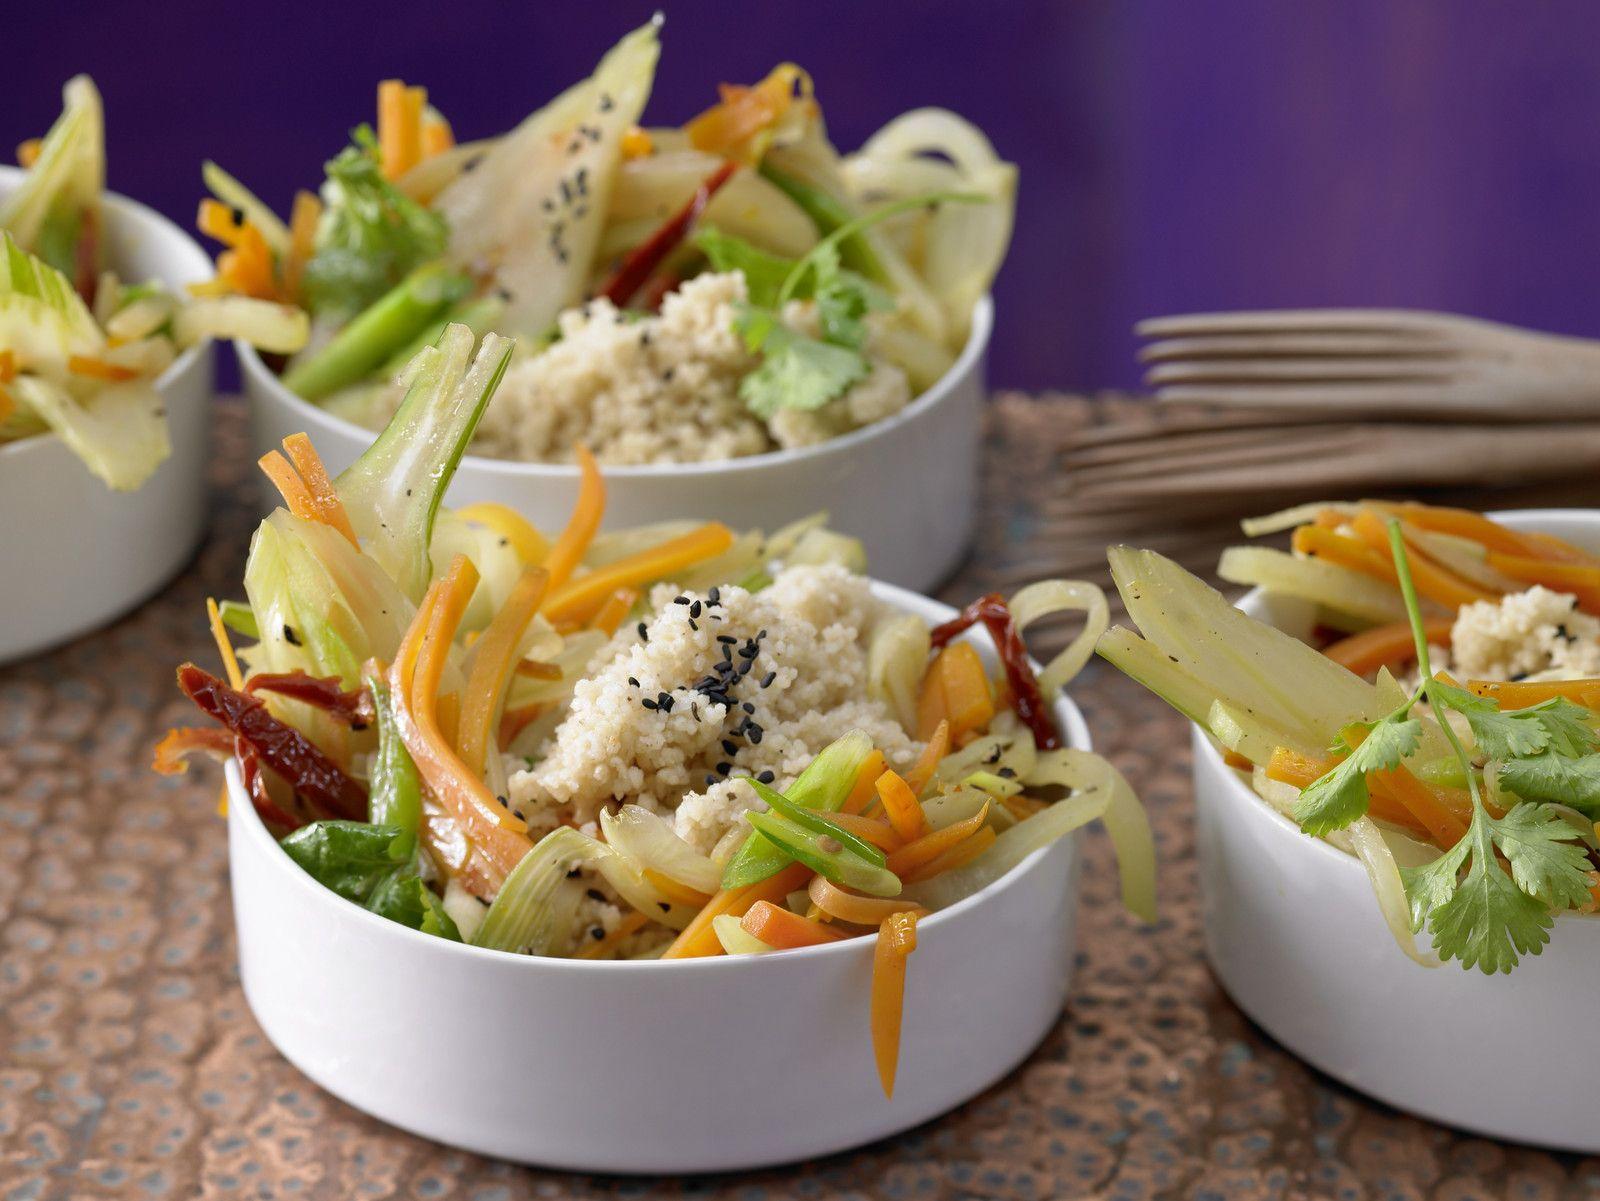 Leichte Sommerküche Ohne Kohlenhydrate : Leichte küche rezepte abnehmen gallerphot abendessen ohne